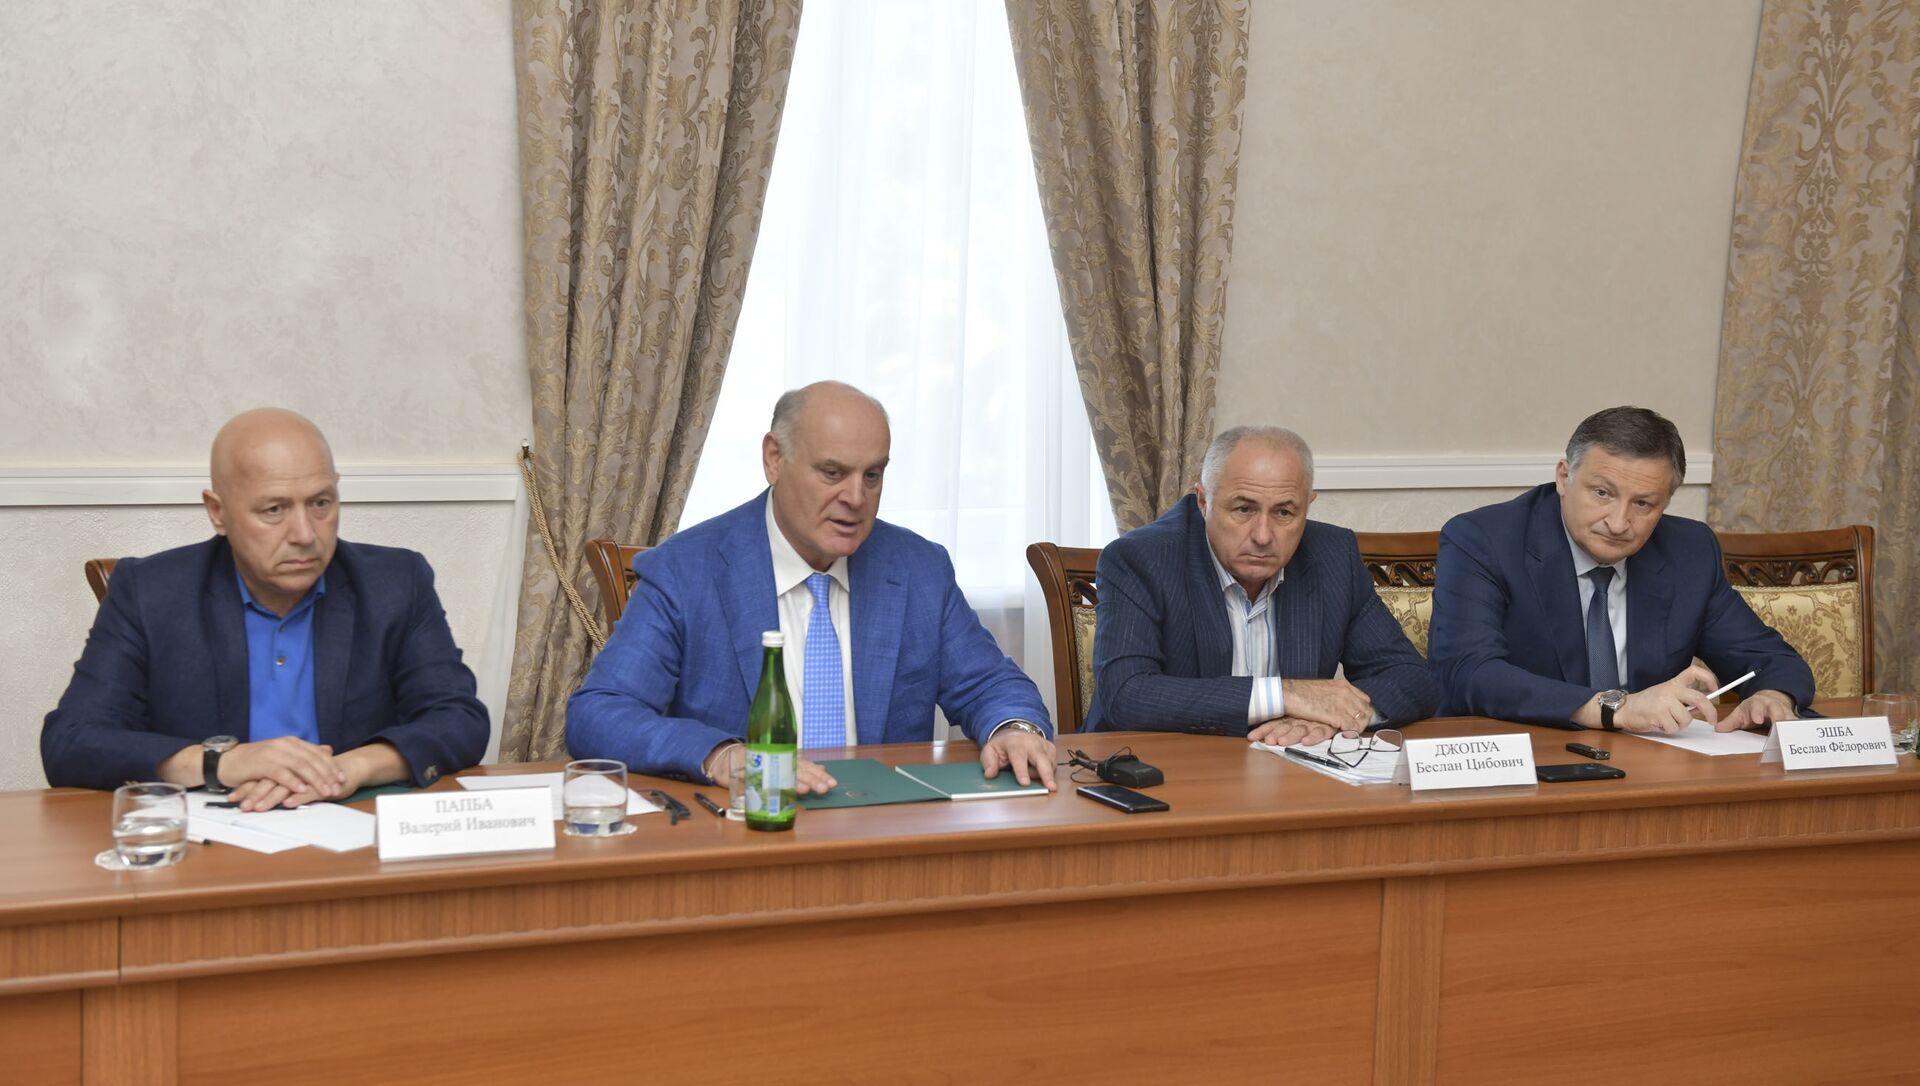 Встреча президента Бжания с представителями архангельской области - Sputnik Абхазия, 1920, 03.09.2021